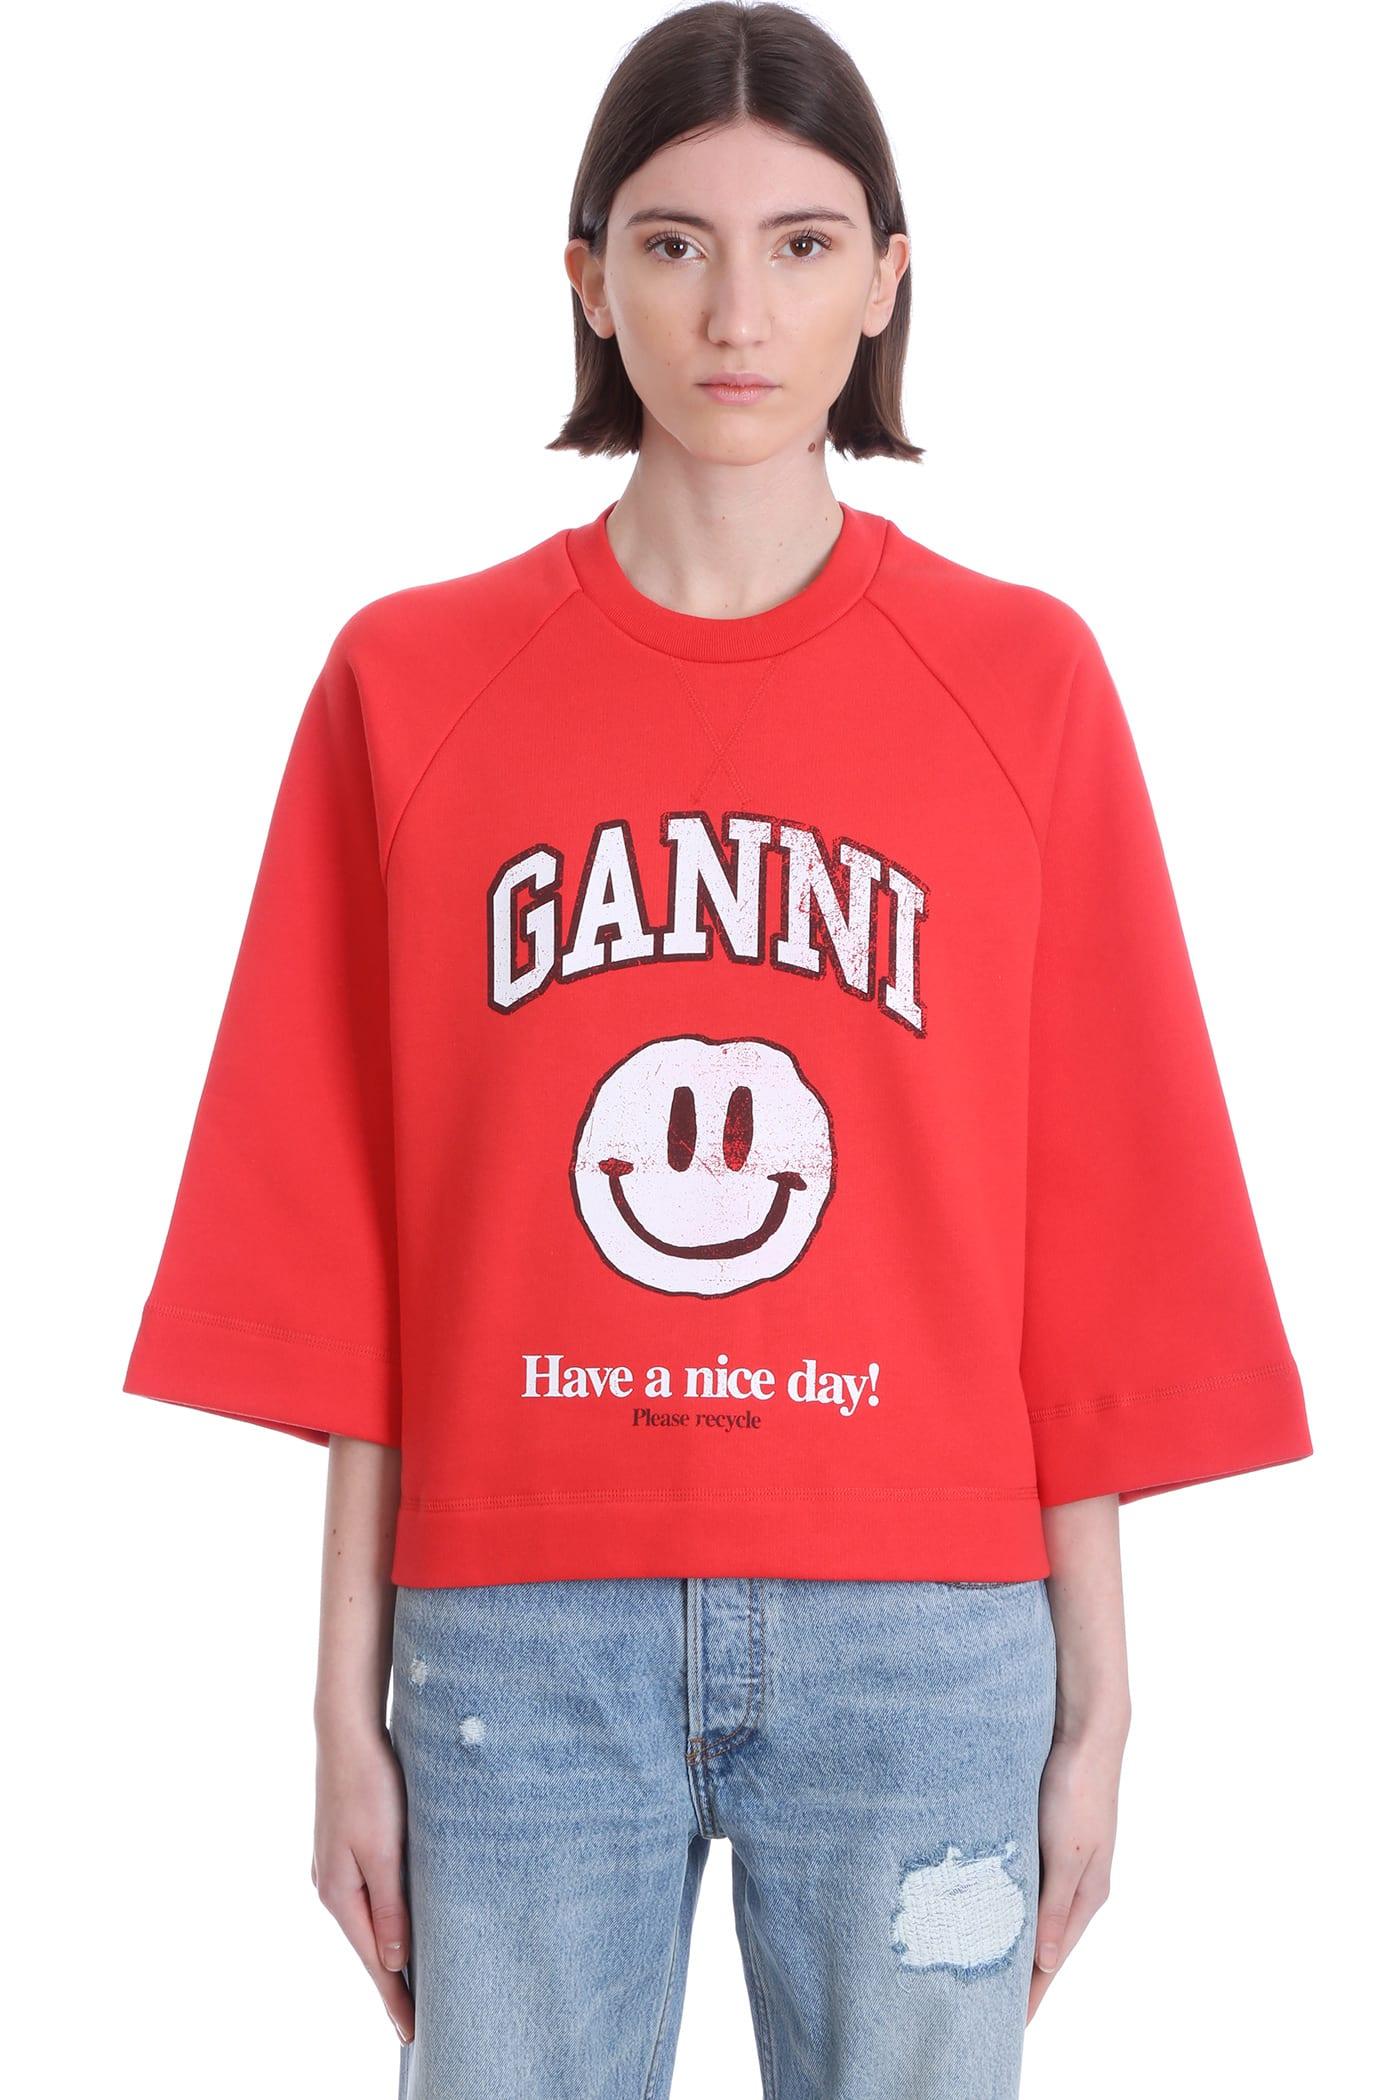 Ganni Sweatshirt In Red Cotton